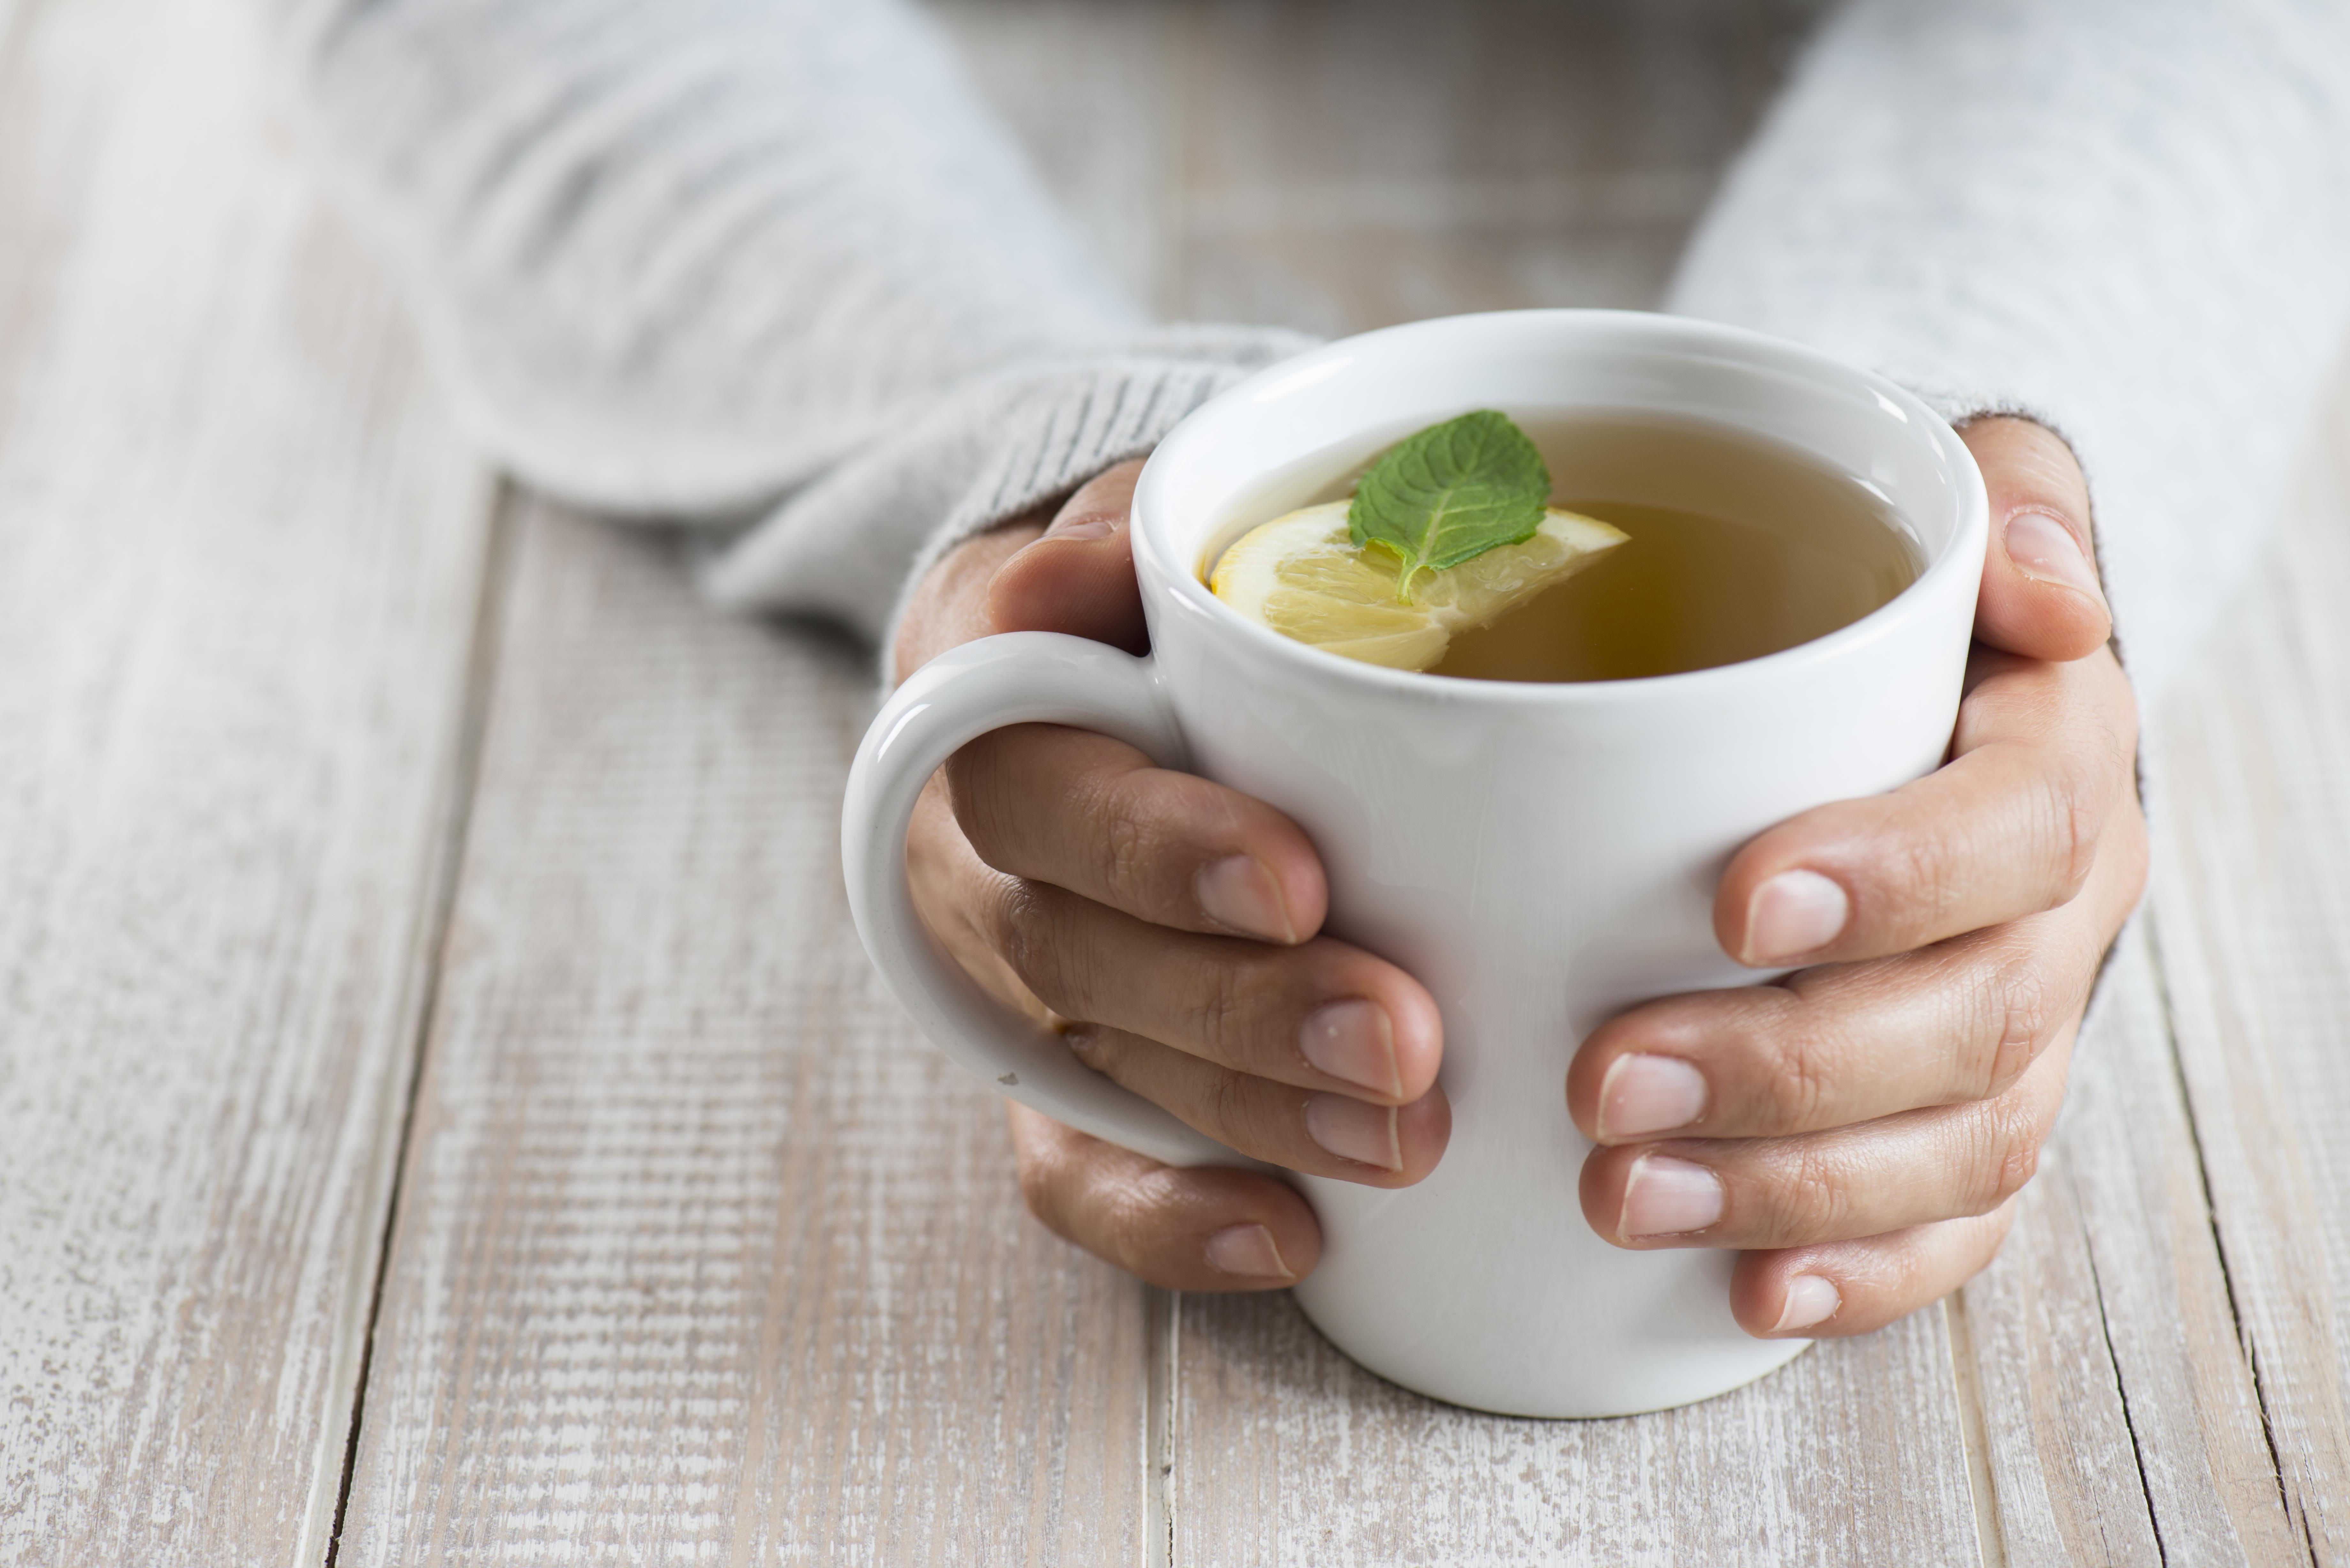 Пийте зелен чай<br /> Дори чаша зелен чай дневно допринася за изгарянето на мазнините. Напитката съдържа флавоноиди и мощни антиоксиданти, известни като катехини, които ускоряват метаболизма.